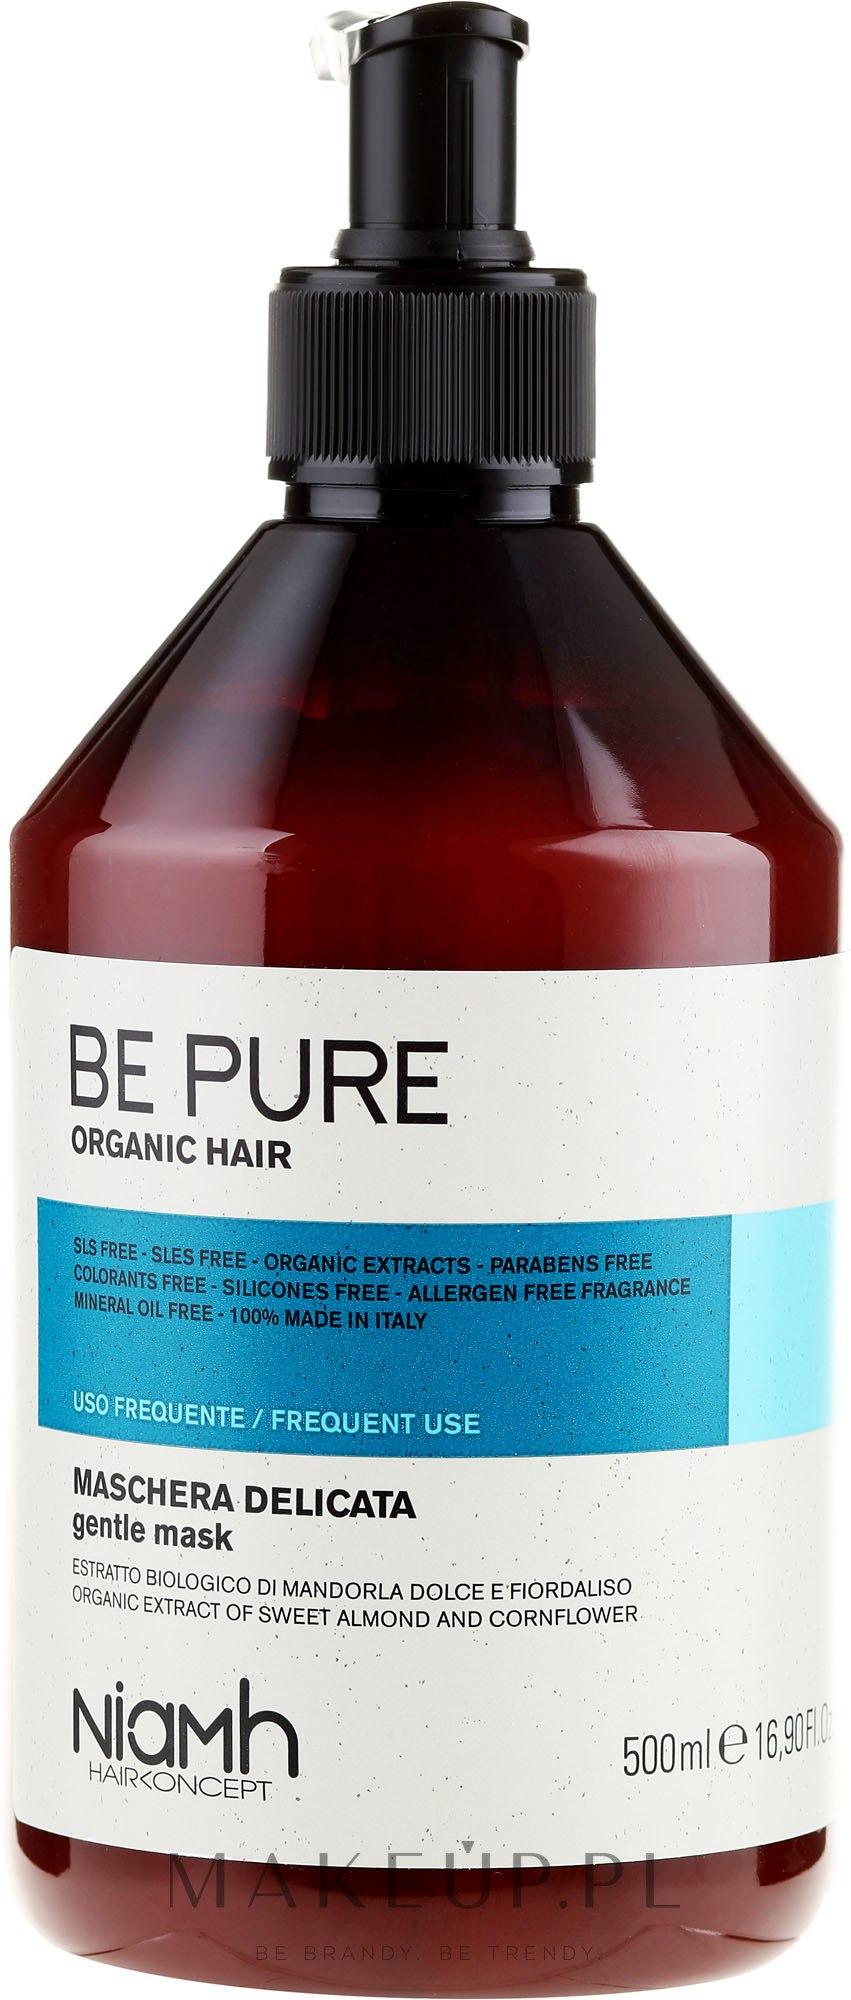 Delikatna maska do włosów do częstego stosowania - Niamh Hairconcept Be Pure Gentle Mask — фото 500 ml